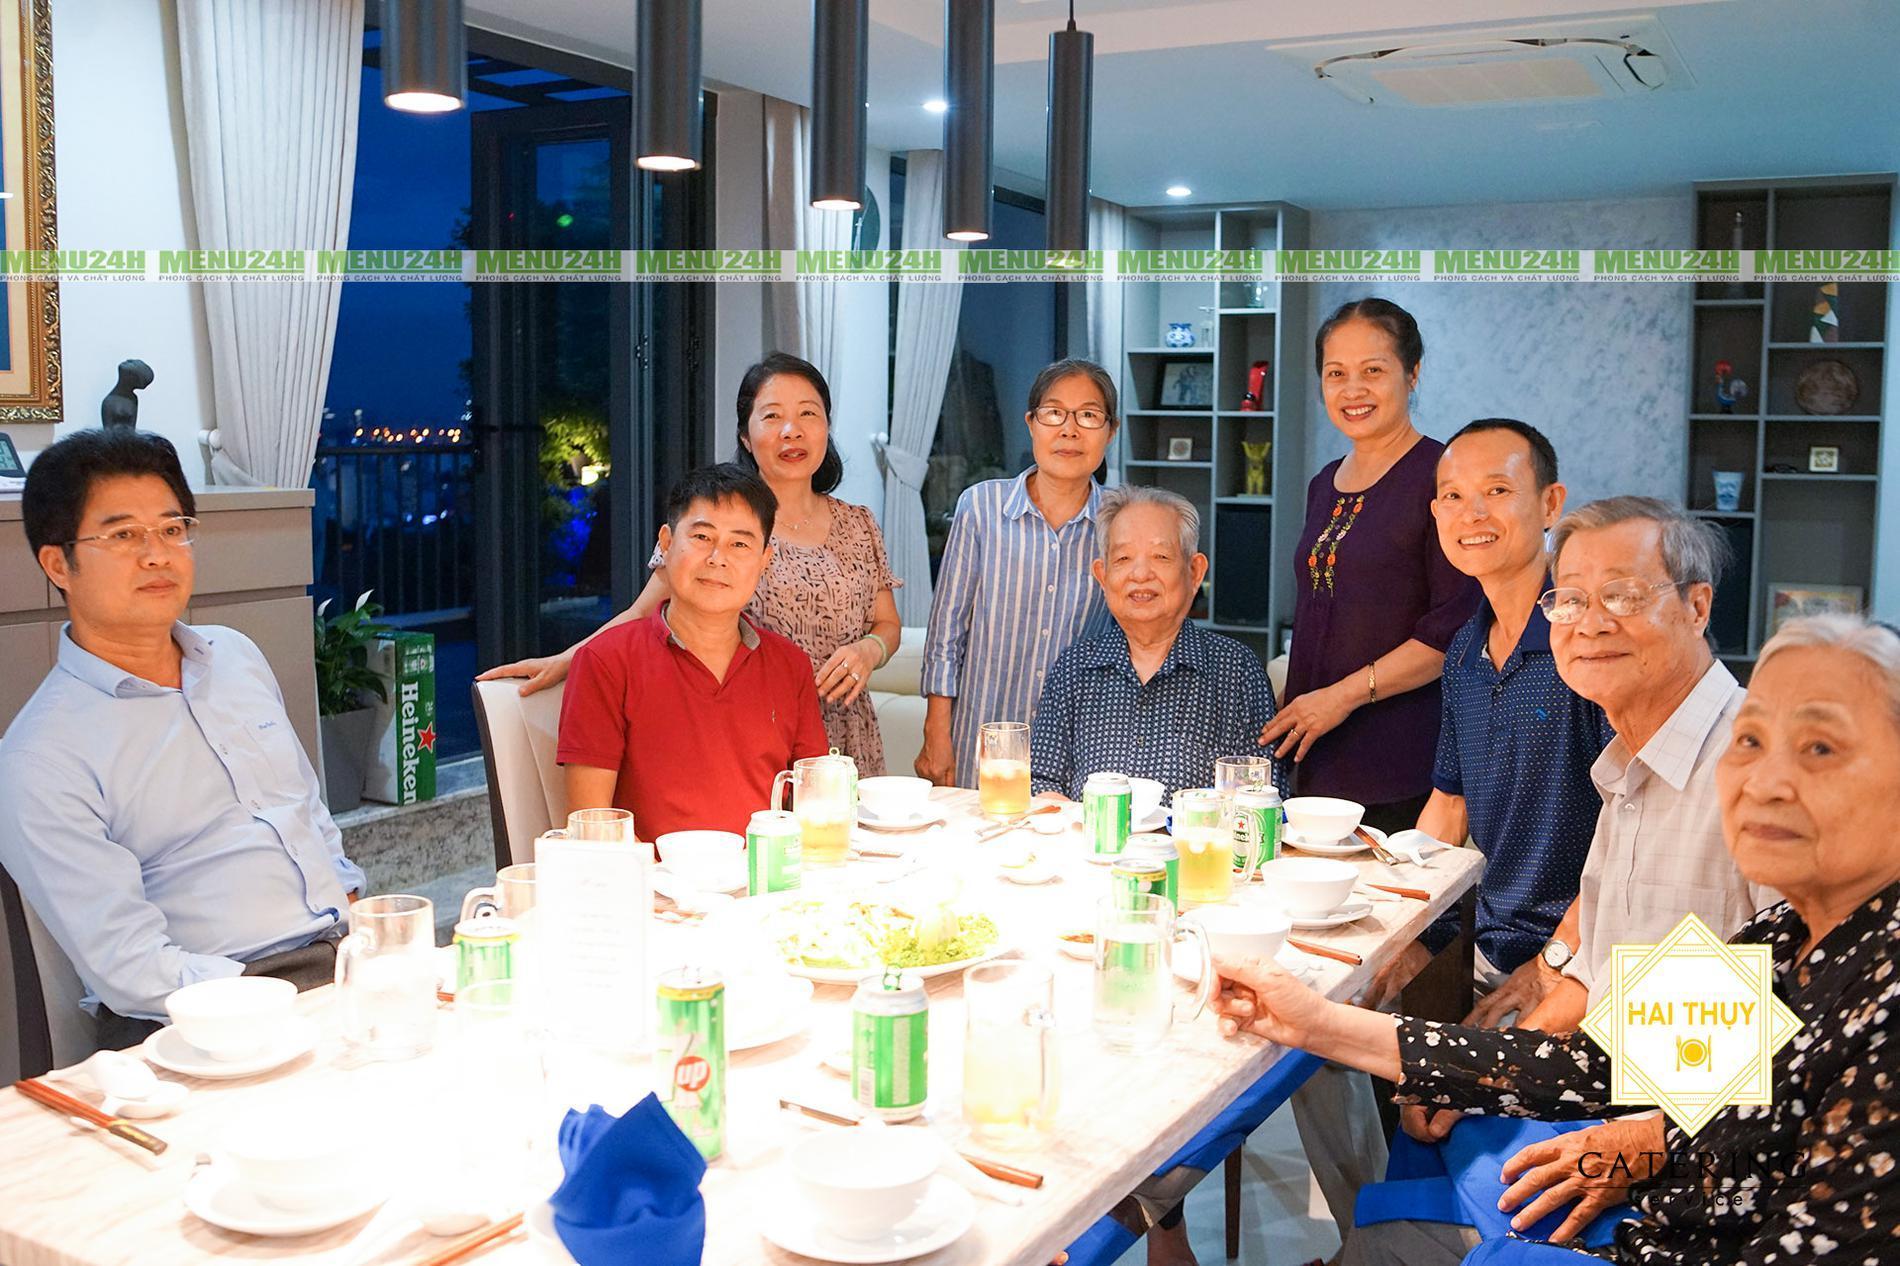 Tiệc tân gia nhà anh Giang quận 7 - Dịch vụ tiệc trọn gói Menu24h